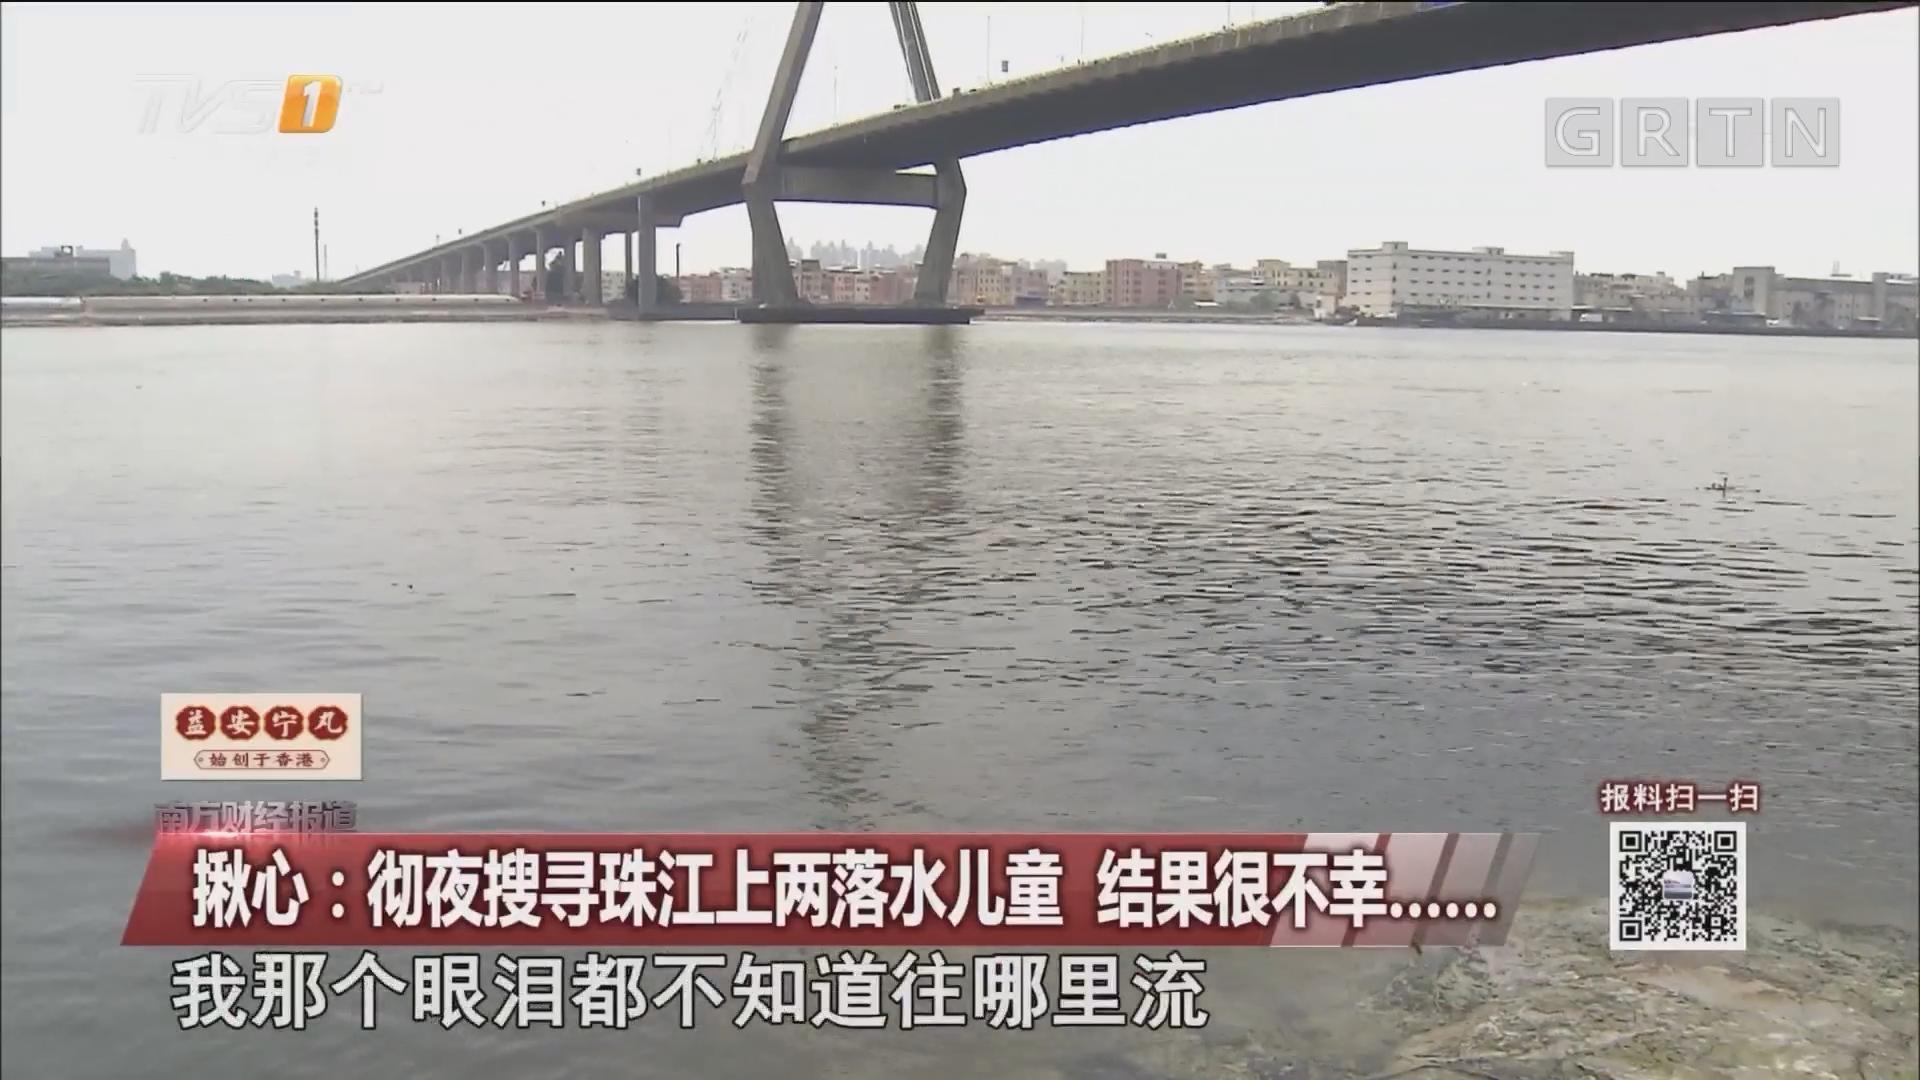 揪心:彻夜搜寻珠江上两落水儿童 结果很不幸......